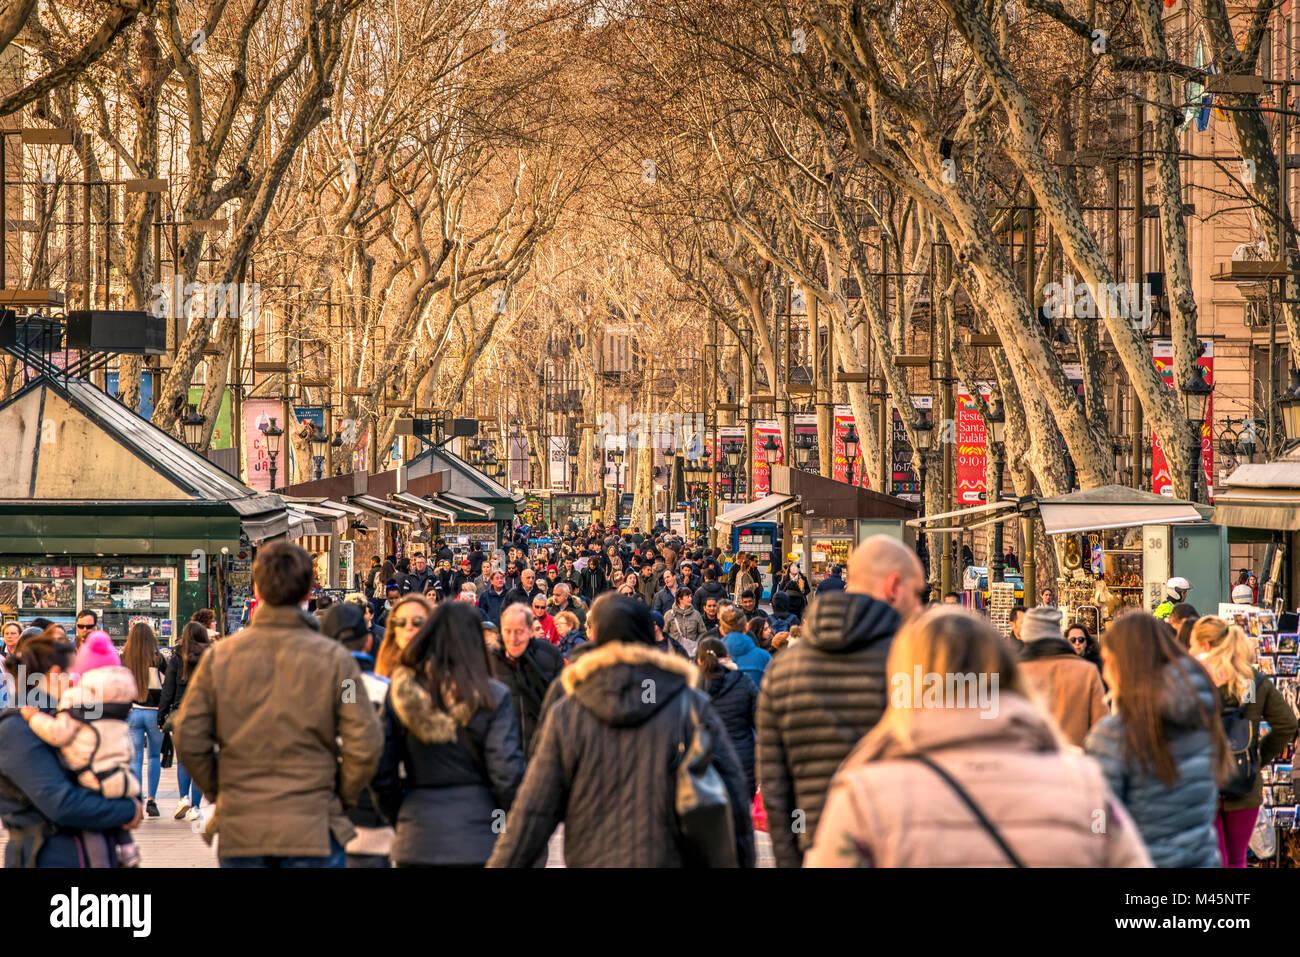 I turisti per passeggiare sulla famosa Rambla pedonale e commerciale di Barcellona, in Catalogna, Spagna Immagini Stock